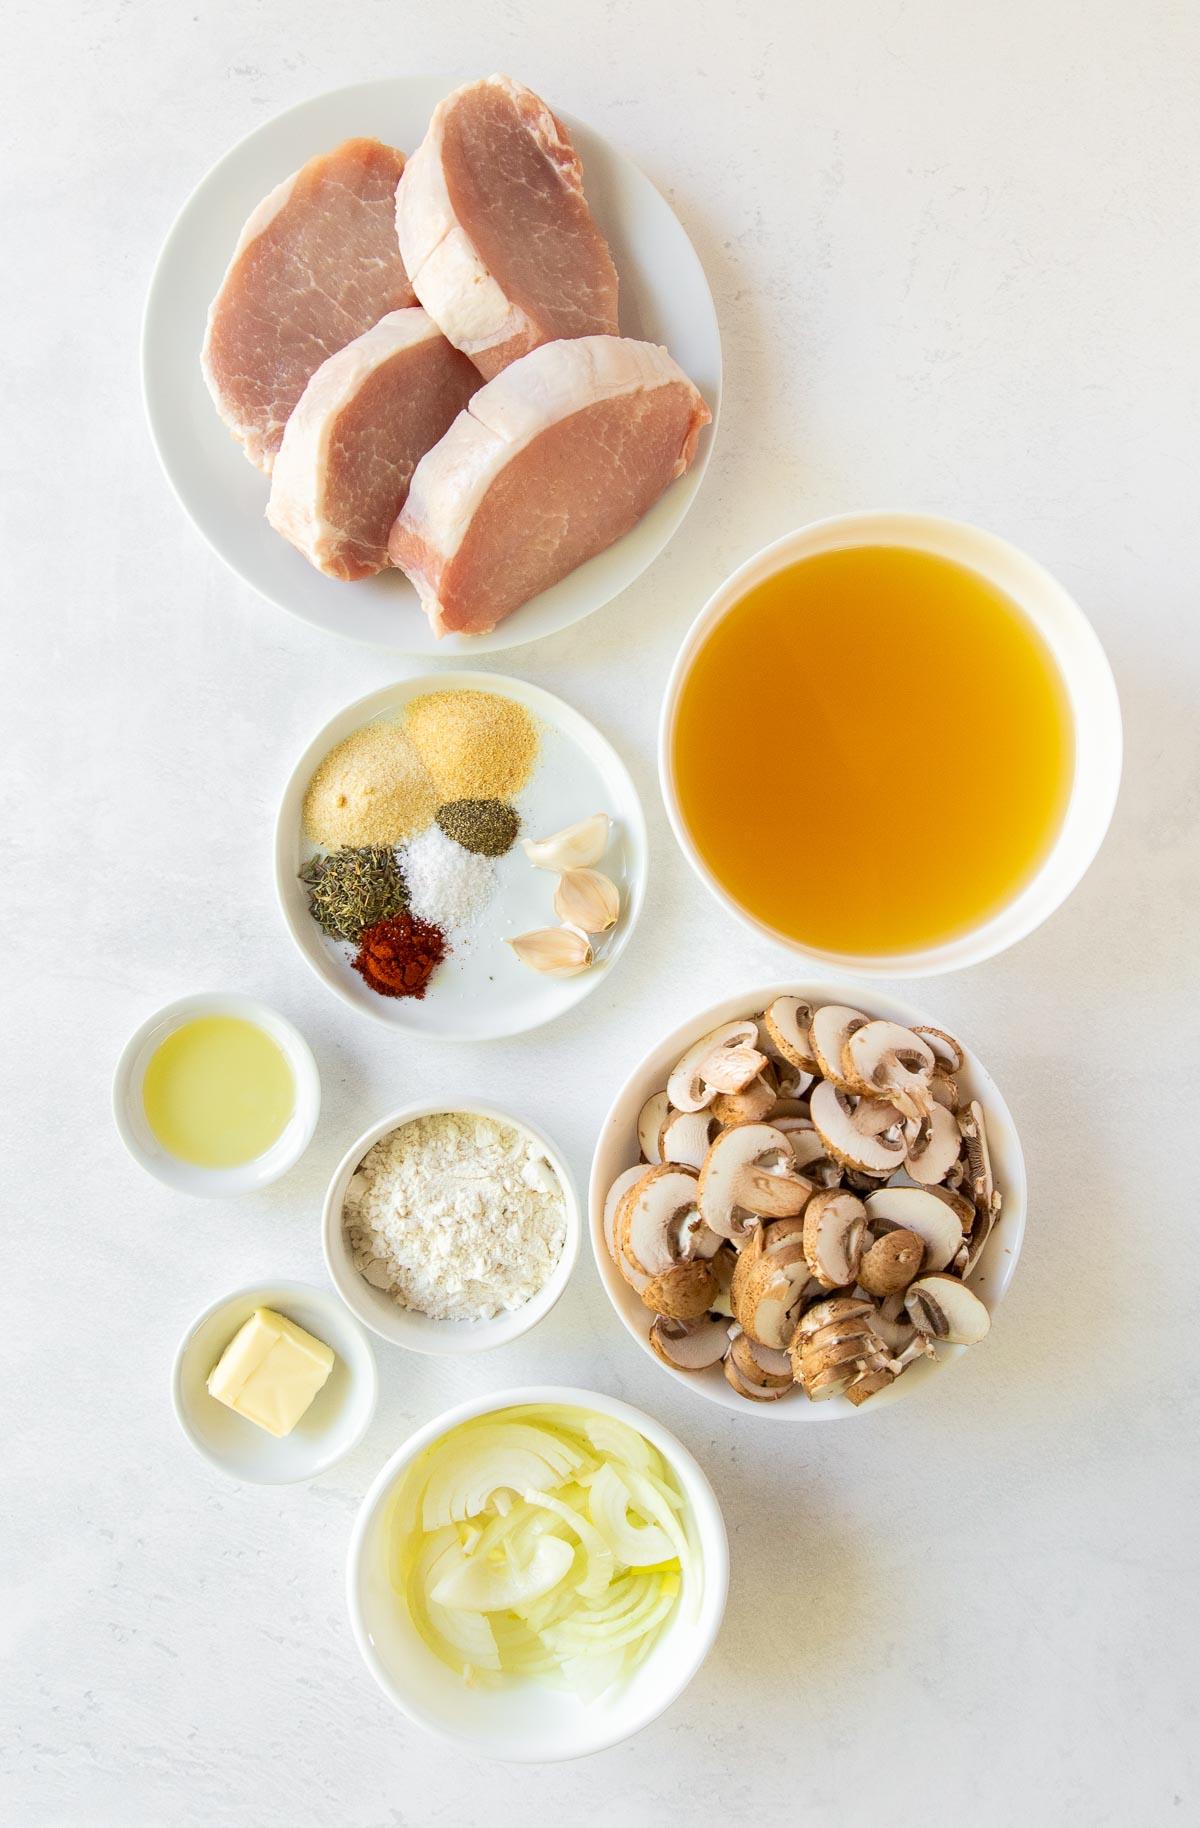 recipe ingredients for crock pot pork chops